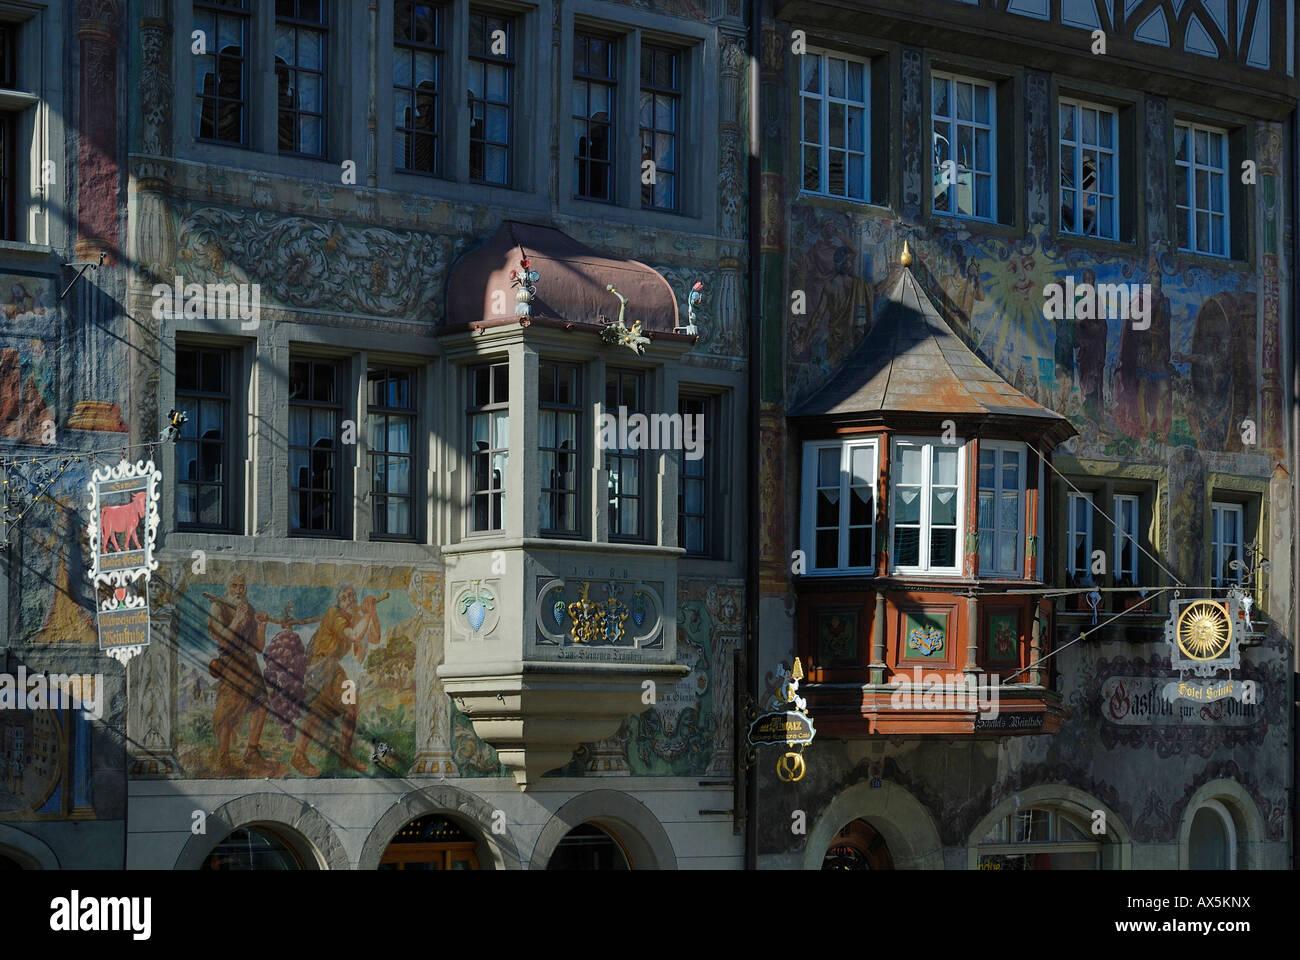 Historic building facades and bay windows in Stein am Rhein, Schaffhausen Canton, Switzerland, Europe - Stock Image